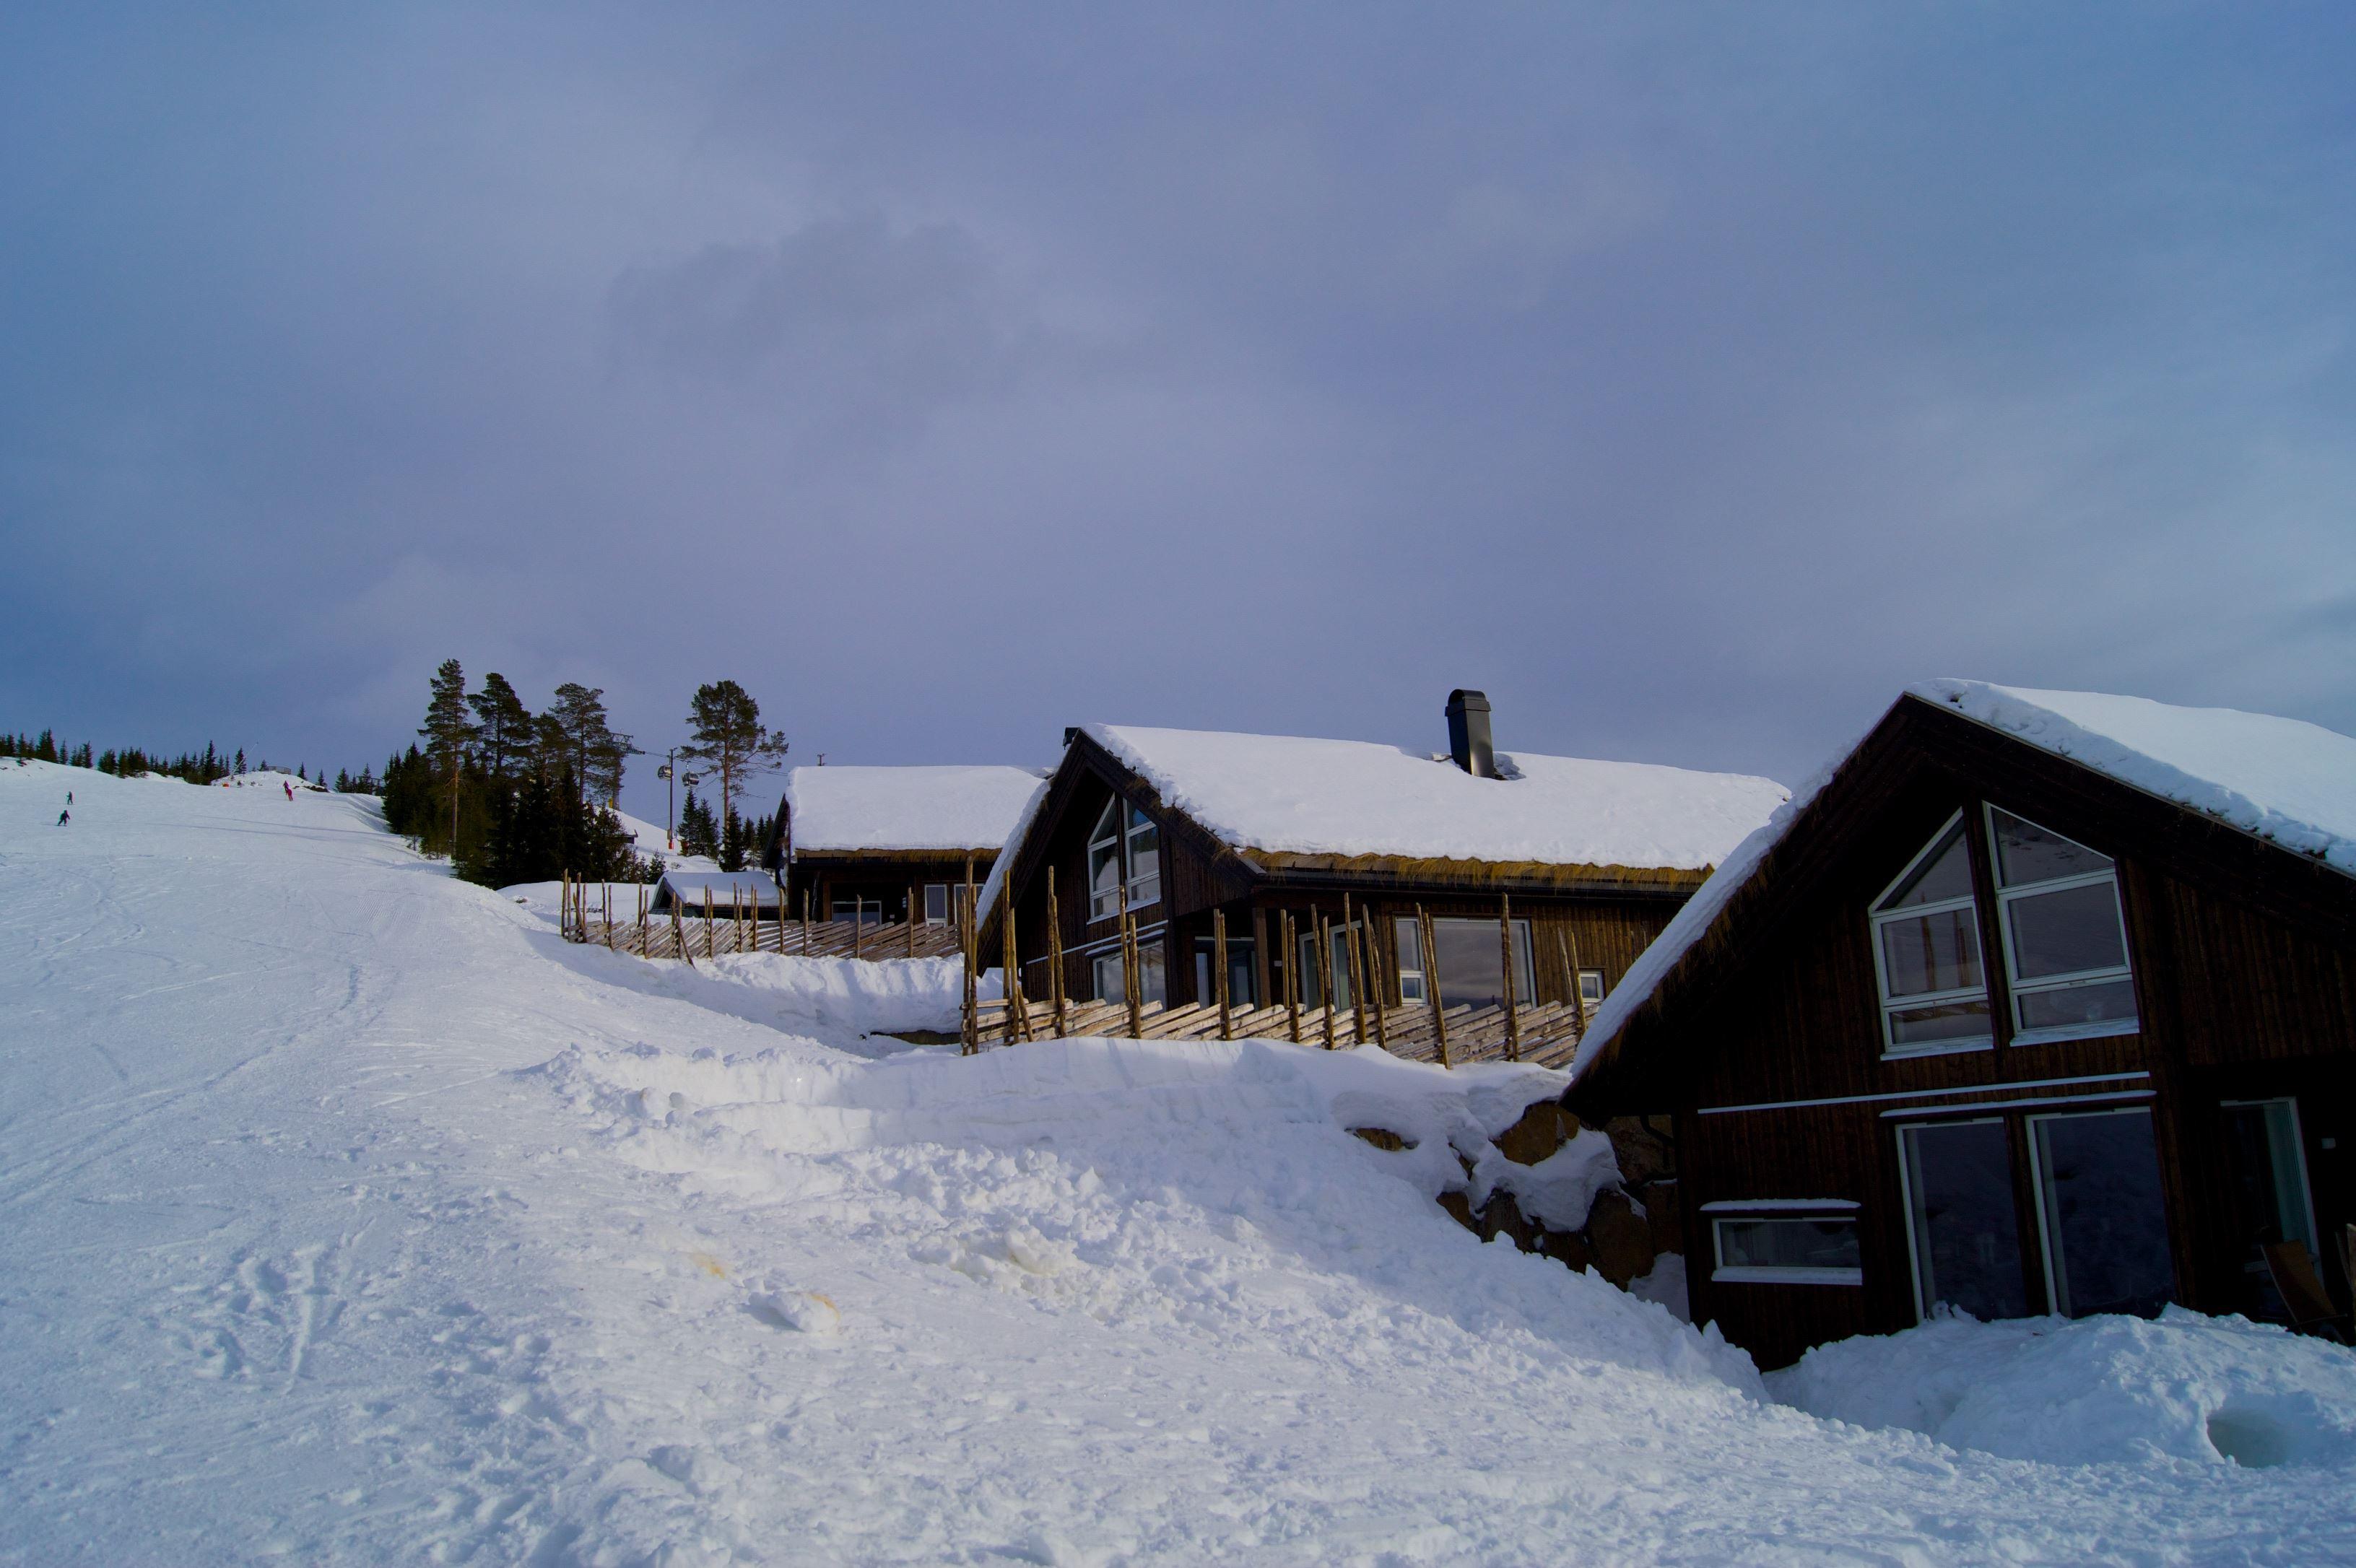 Hafjell Fjellandsby 268A